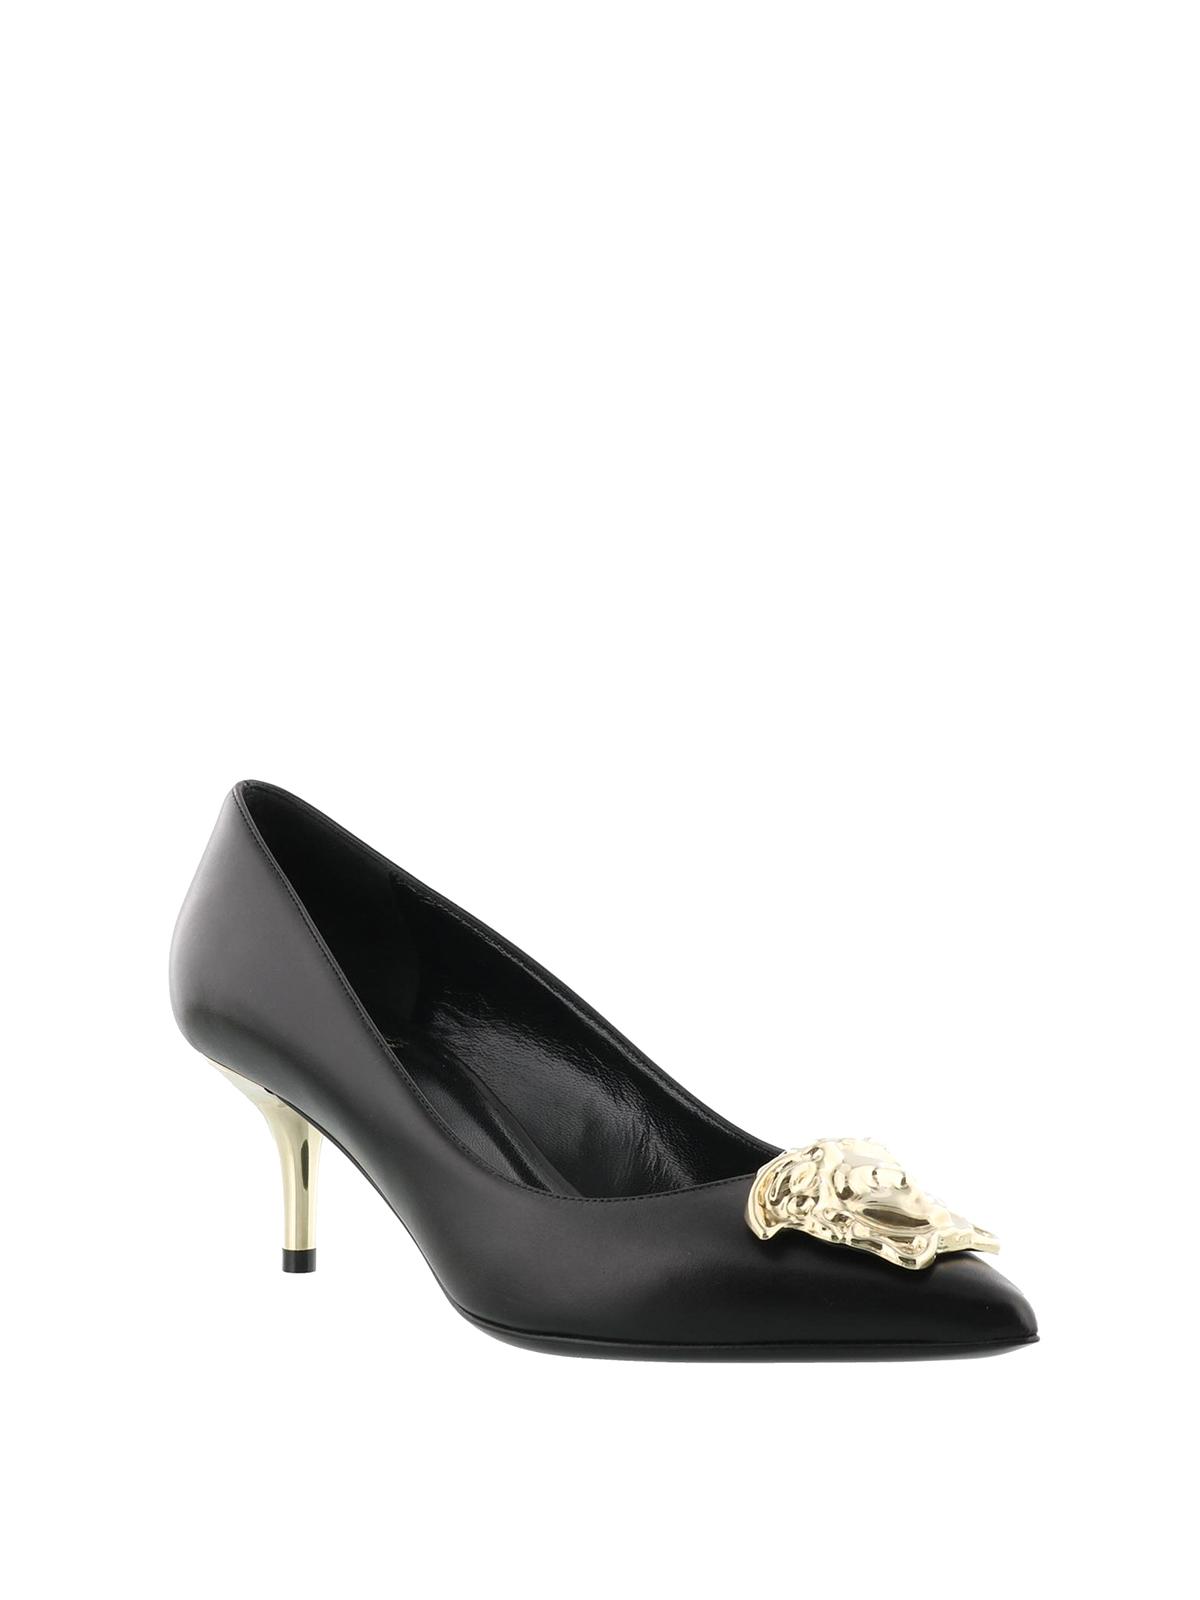 Versace - Chaussures À Talon - Medusa Head - Escarpins - DSR043H ... 8425156650d8